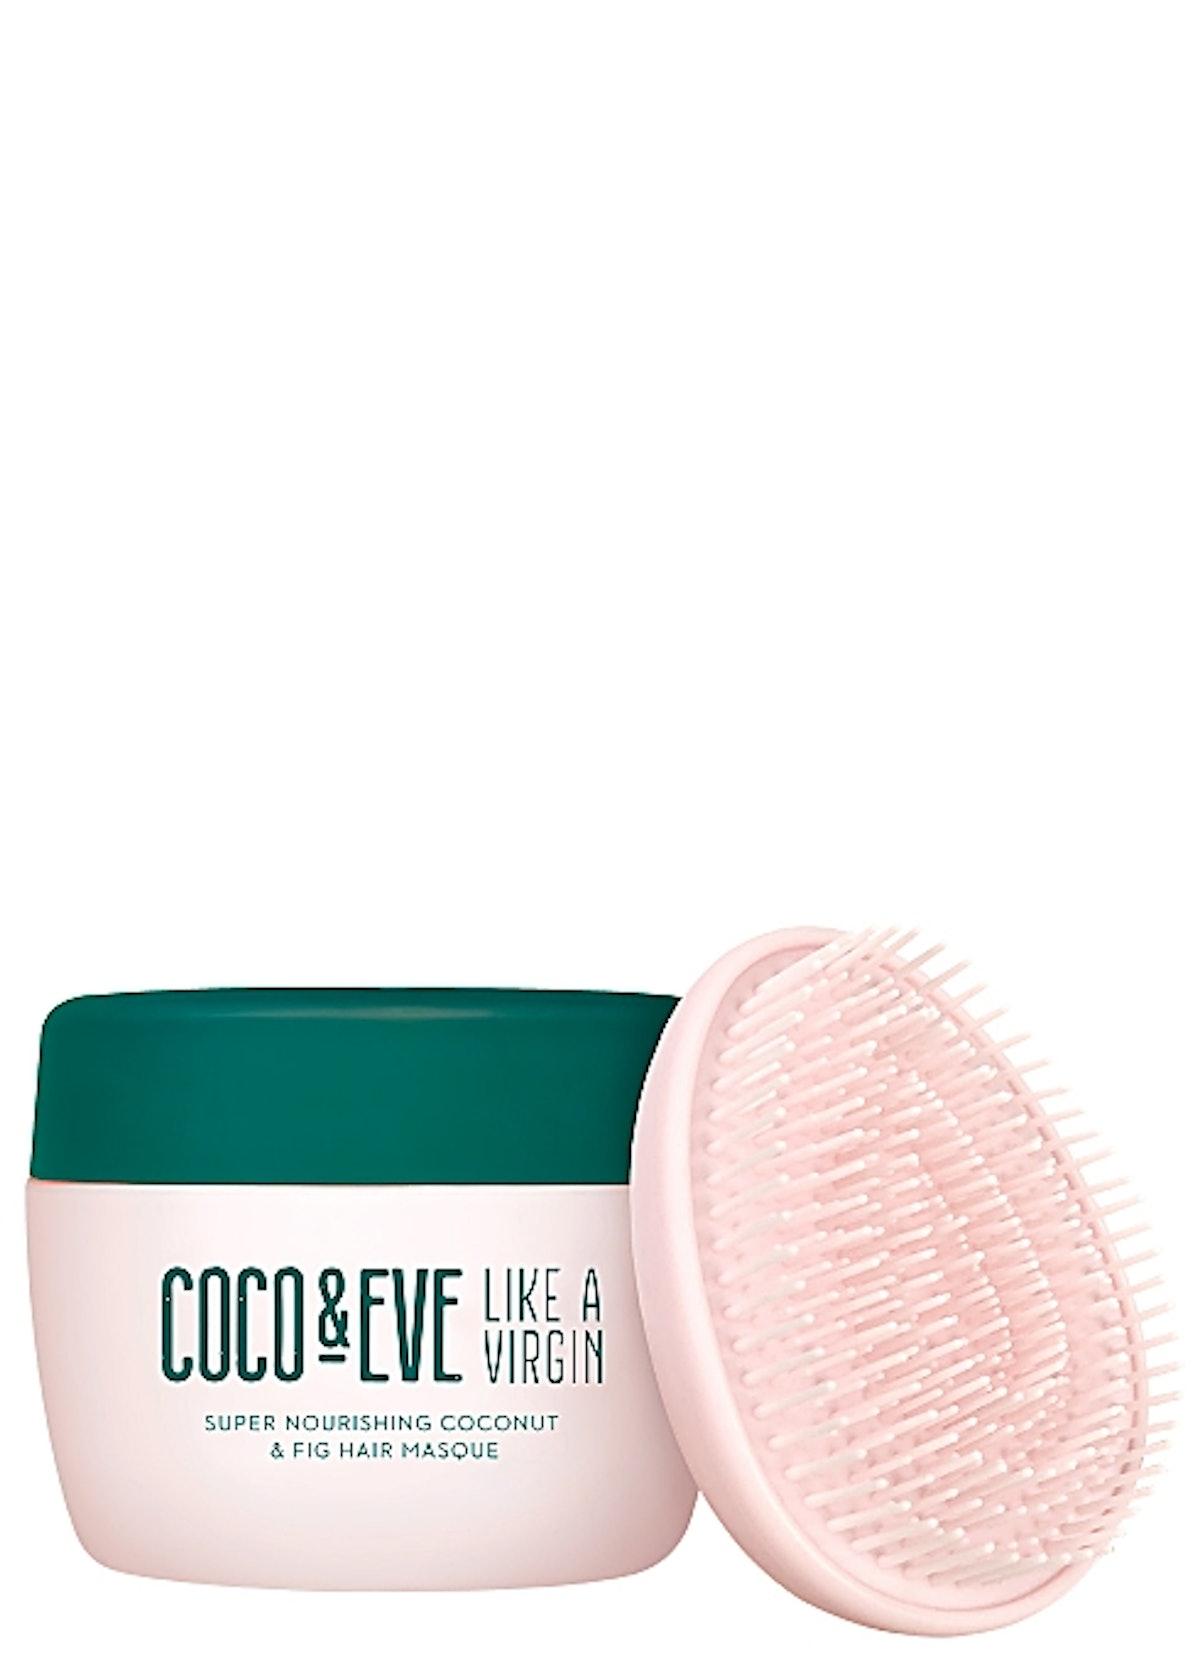 Coco & Eve Like A Virgin Hair Mask